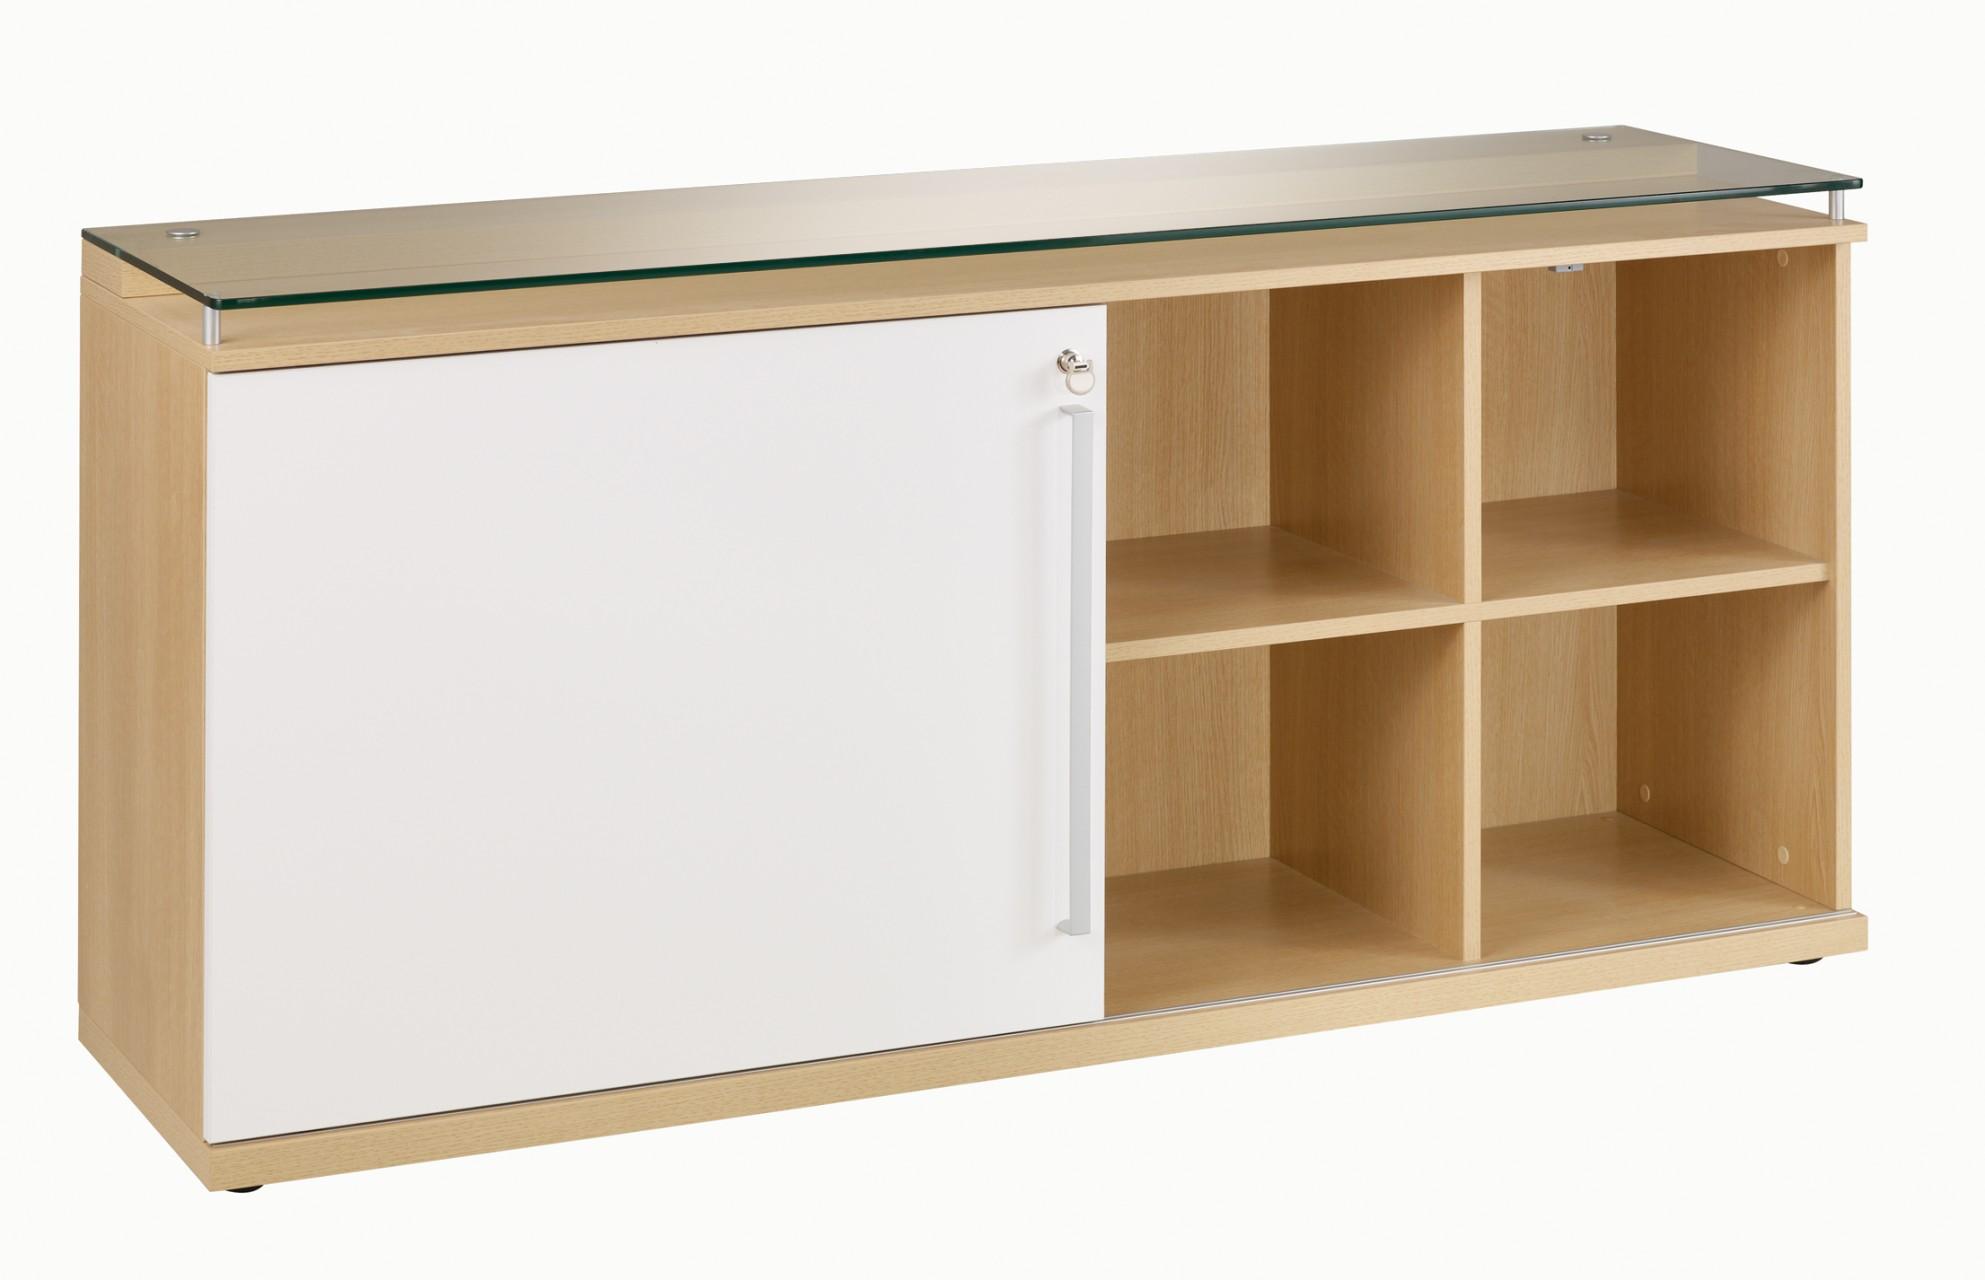 cr dence porte coulissante sliver achat armoires bois 439 00. Black Bedroom Furniture Sets. Home Design Ideas